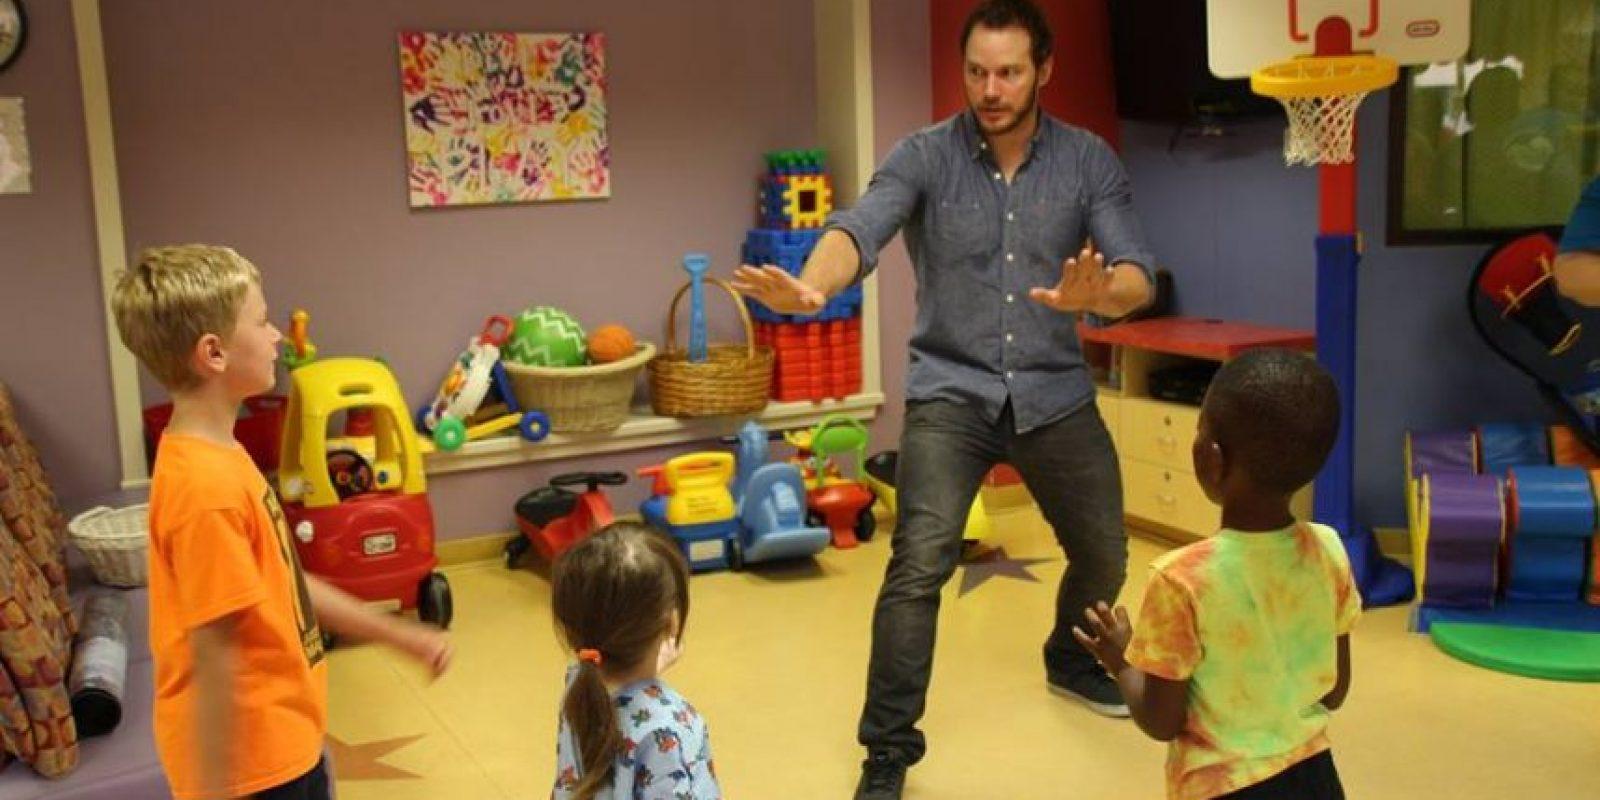 """El actor jugó con los pequeños como si fueran parte del zoológico de dinosaurios de """"Jurassic World"""" Foto:vía facebook.com/ololchildrens"""